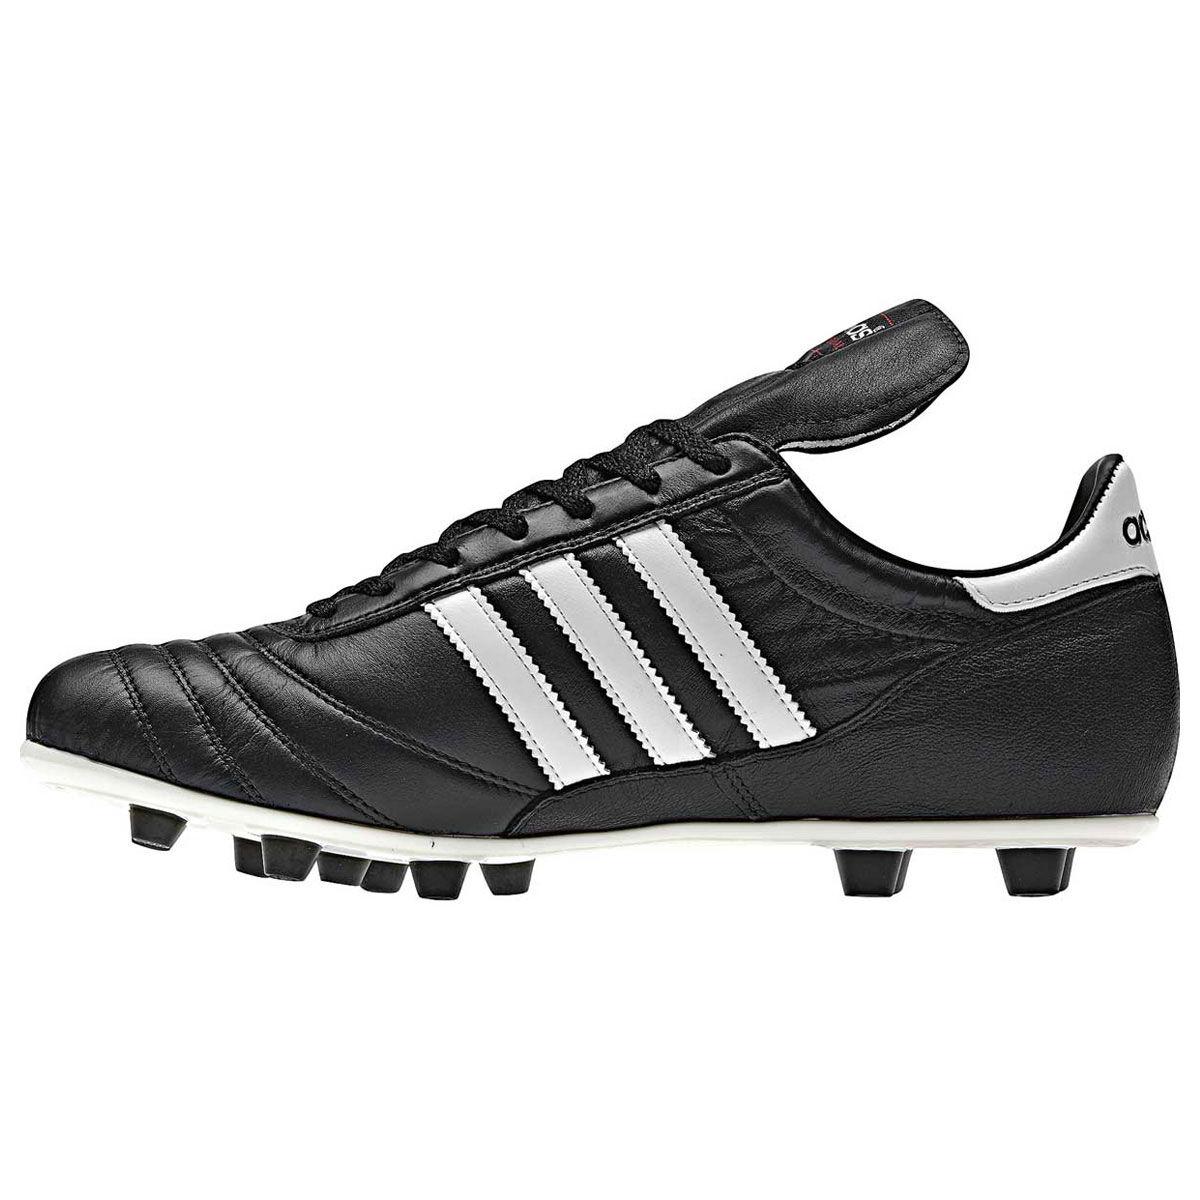 adidas Copa Mundial Mens FG Football Boots Black White US